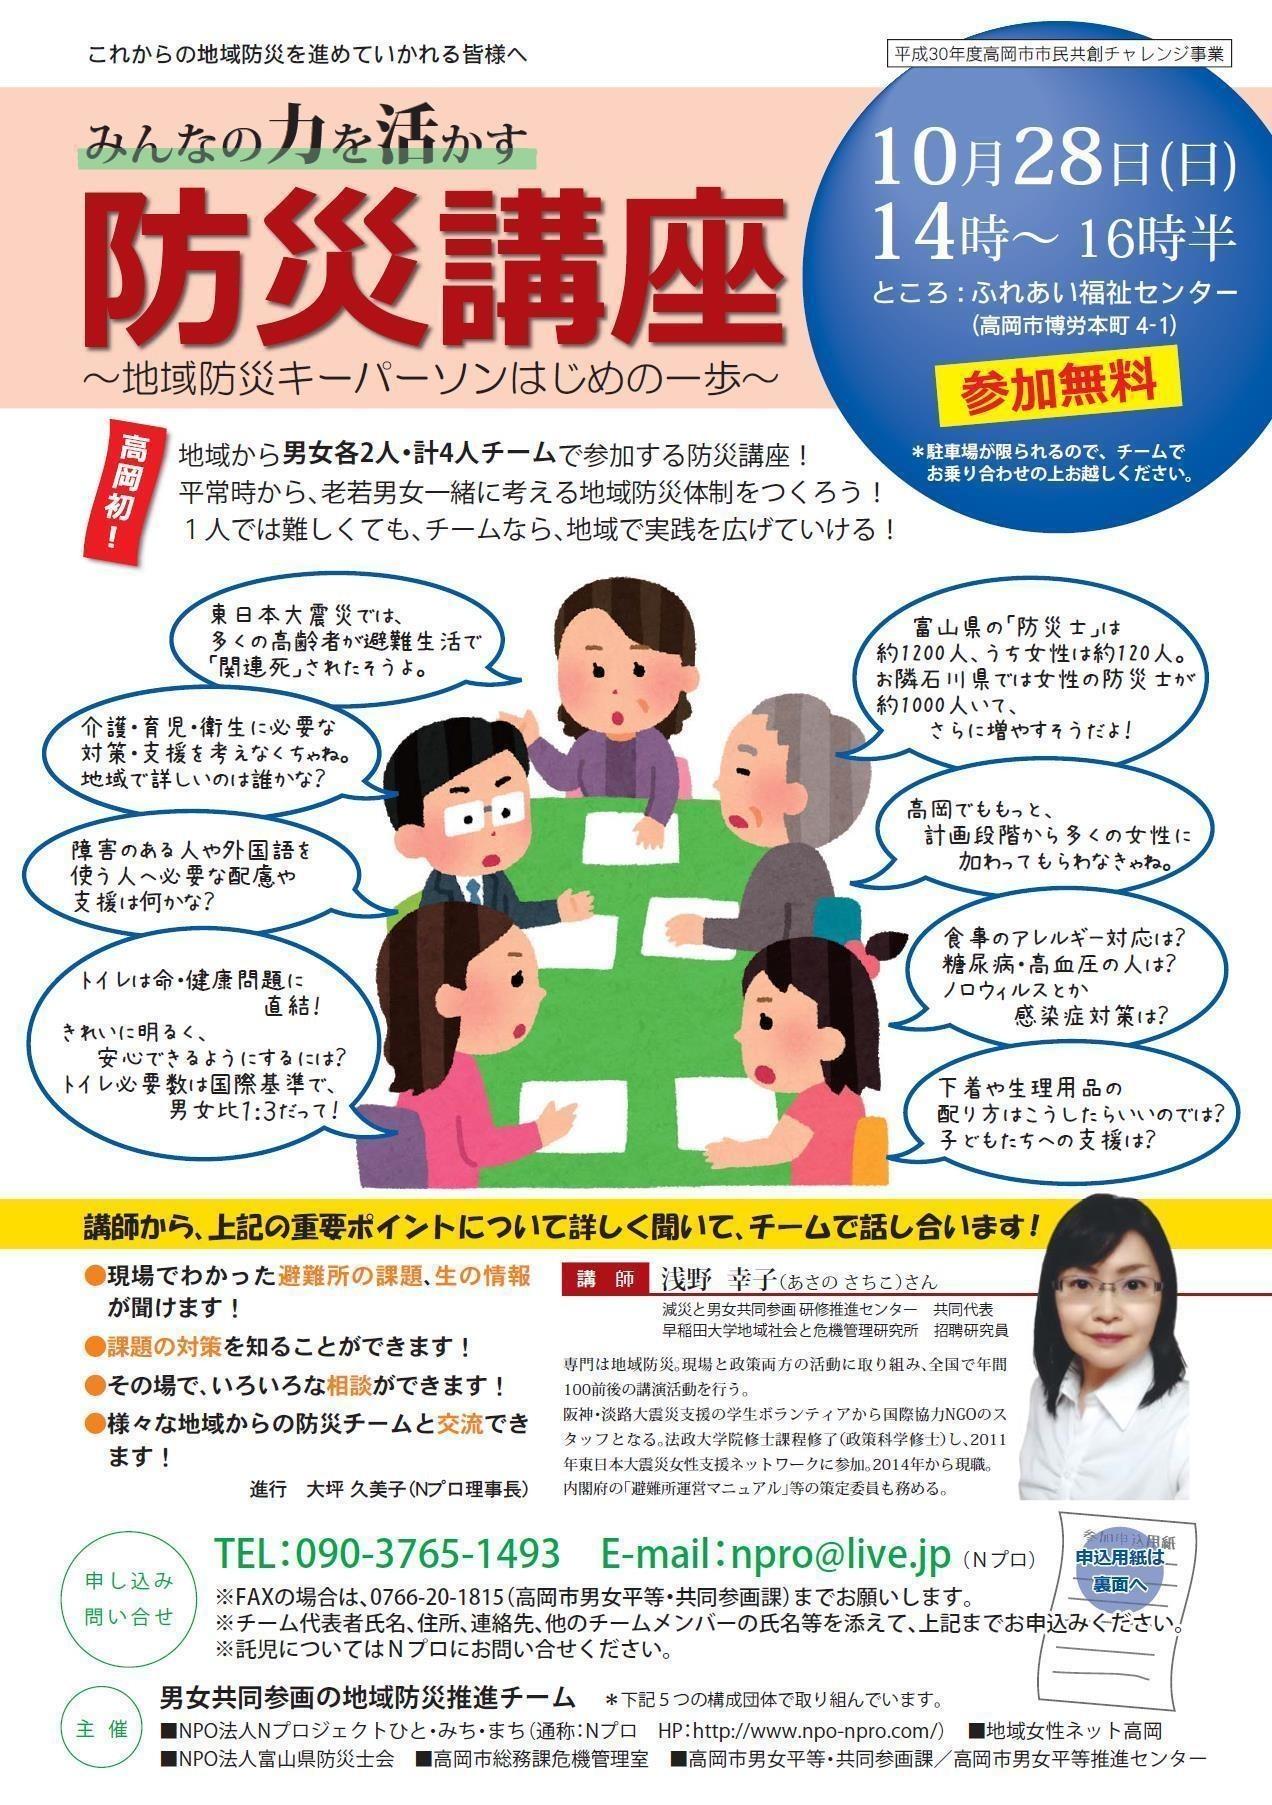 2018/10/28 富山県高岡市にて、地域防災の専門家・浅野幸子さんを講師に招き、男女2人ずつの4人チームの防災講座を開催します!高岡市の広報「市民と市政」9月号にも載りました。もう少しお席があります!お待ちしております★